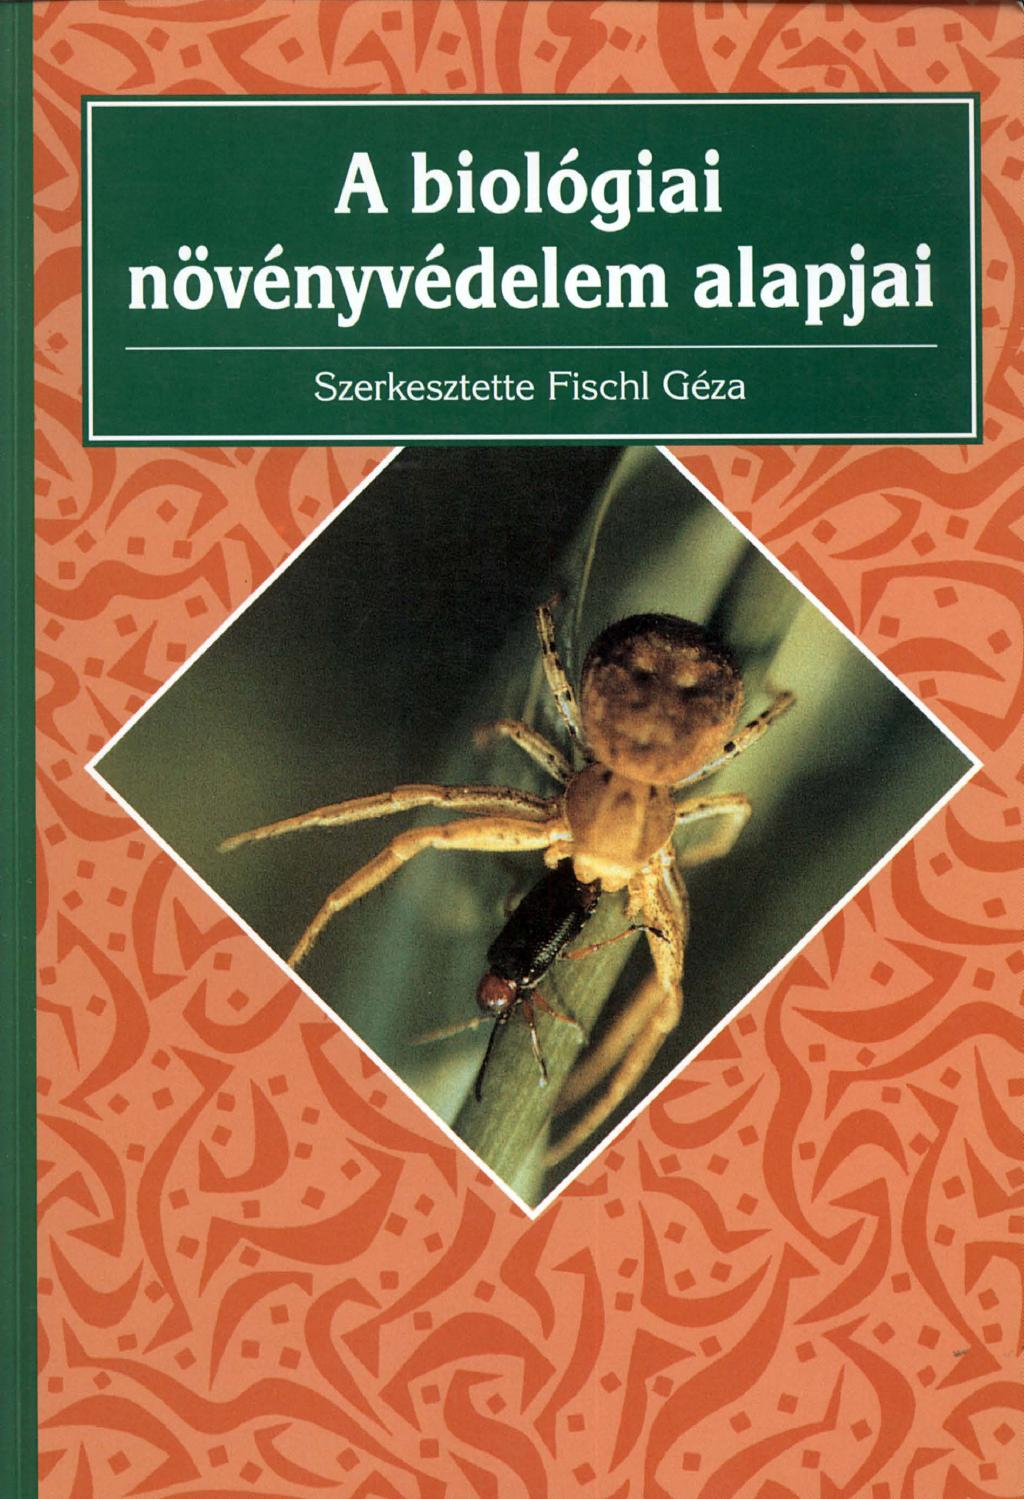 Algák bevetésen - Kertlap Kertészeti Magazin & Kertészeti Tanfolyamok